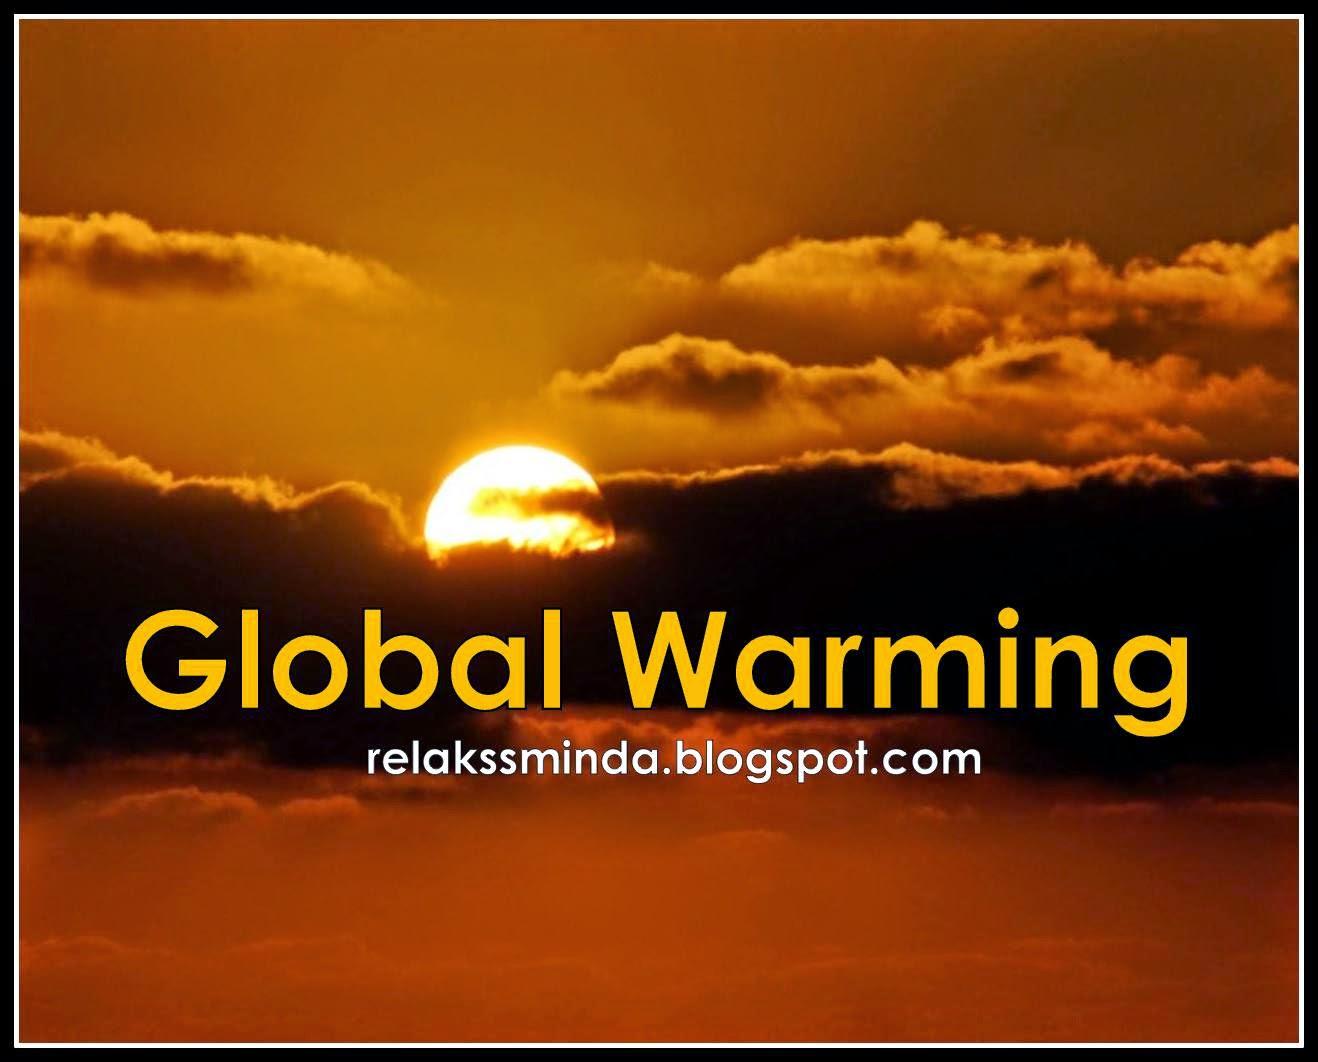 Punca Dan Kesan Pemanasan Global - Global Warming